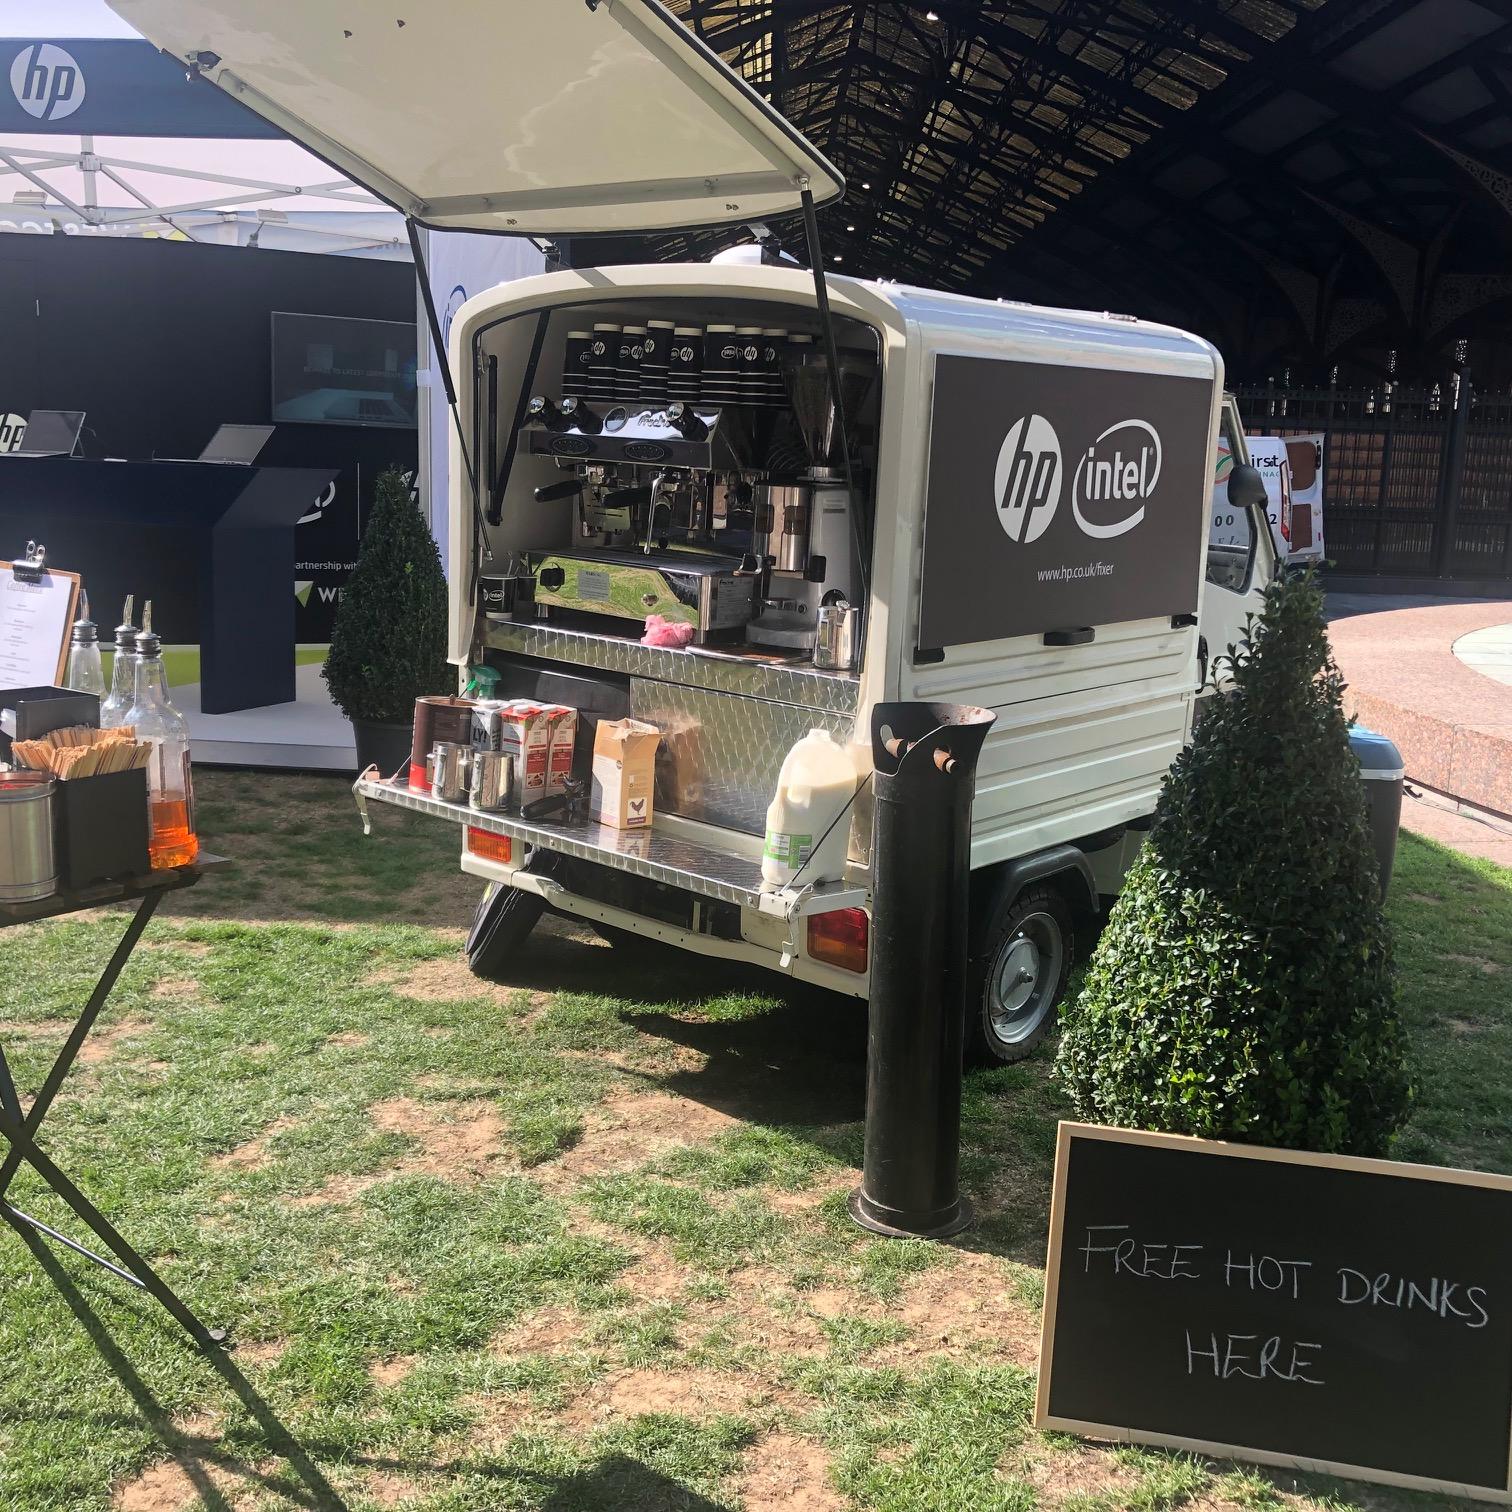 The Mobile Coffee Bean HP Intel branded mobile coffee van pop-up